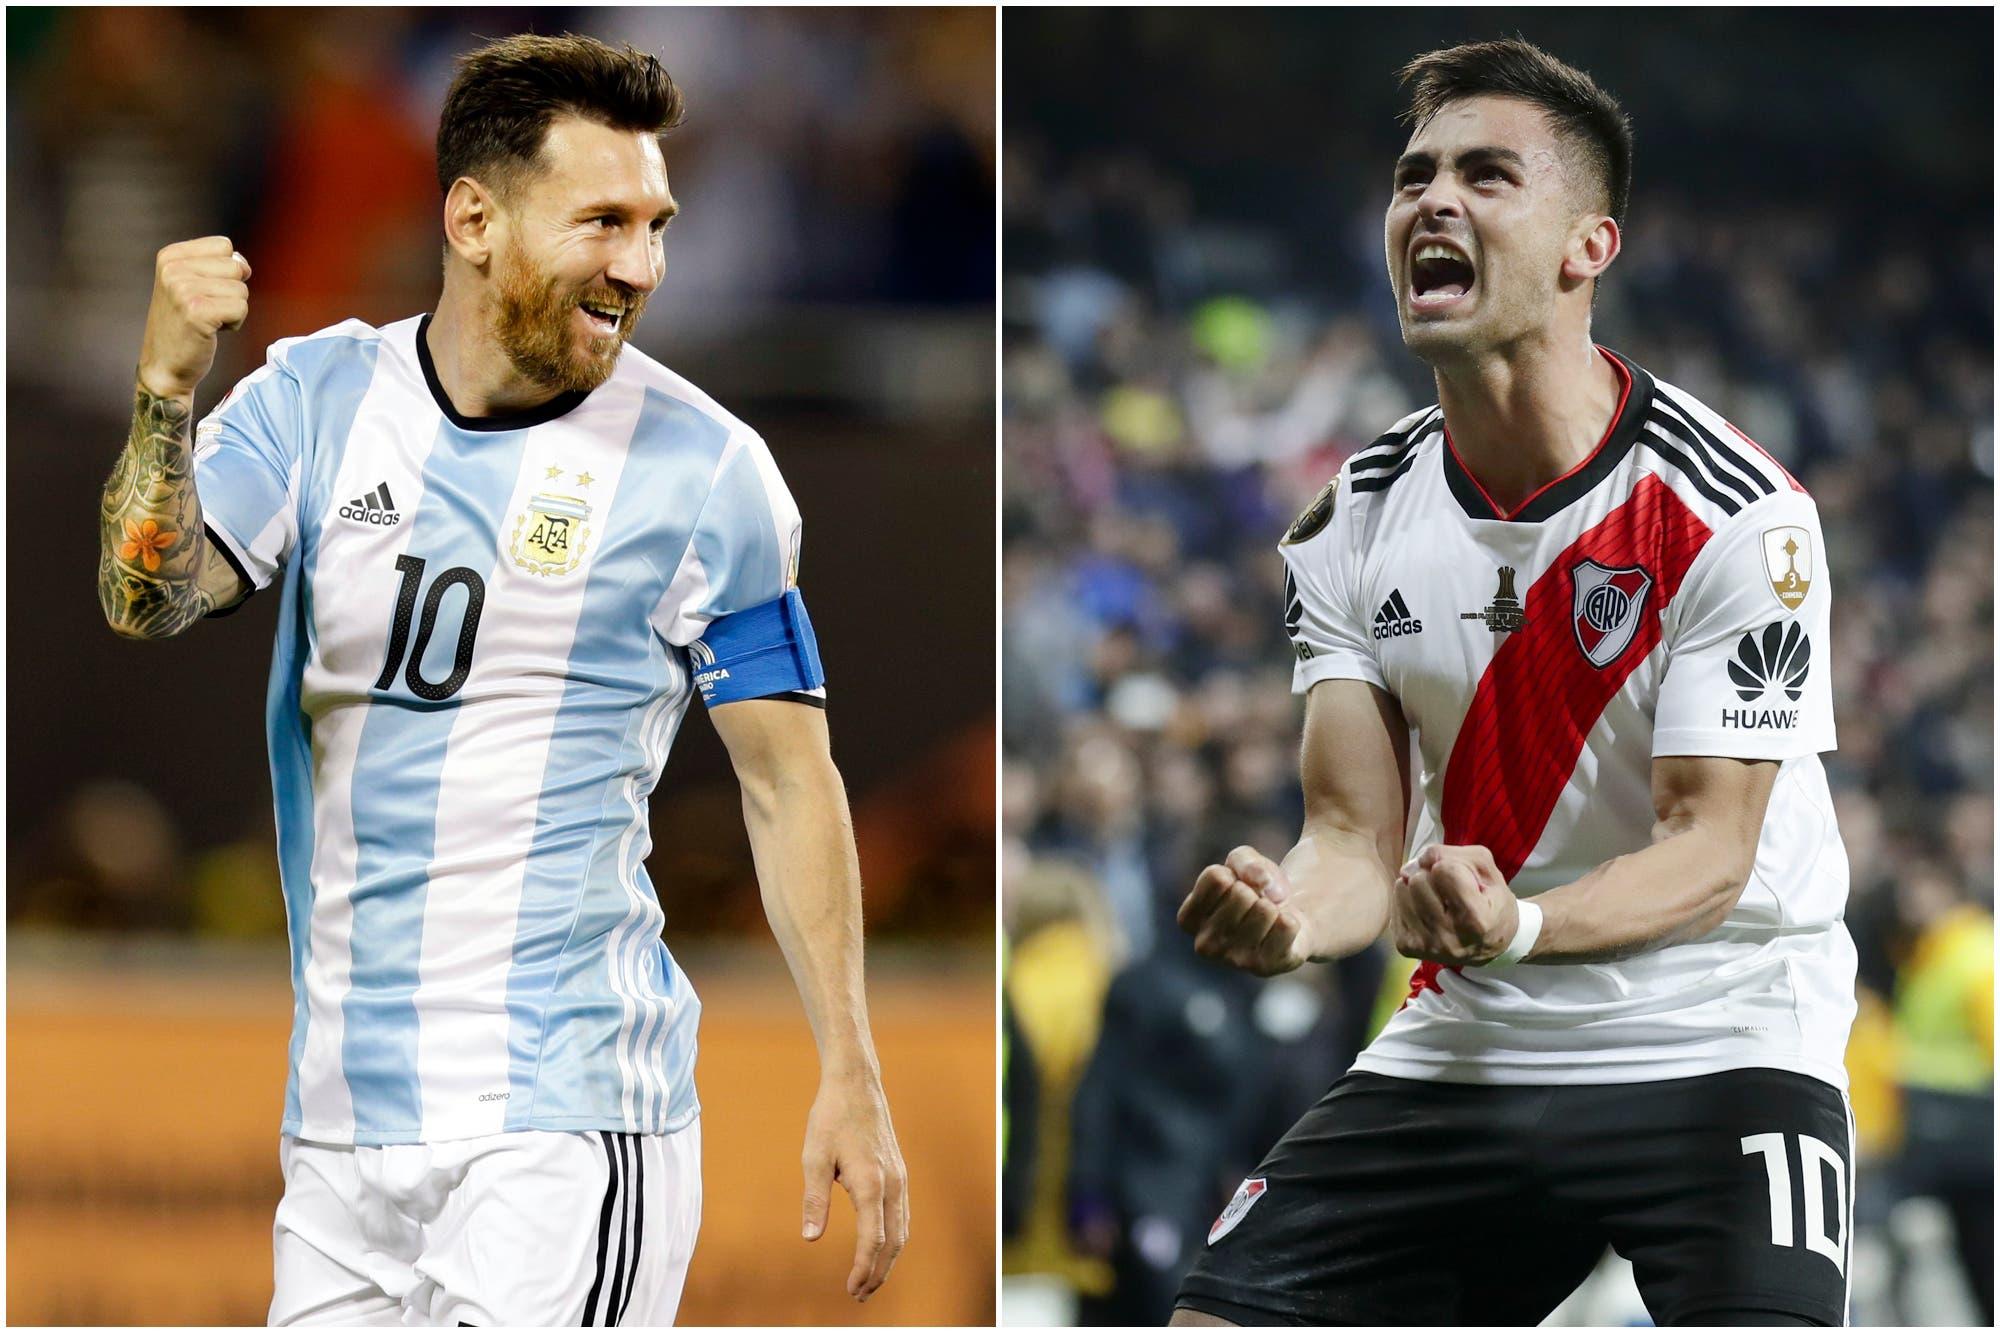 ¿Club o selección argentina? La encuesta sobre la grieta del fútbol en la previa de la Copa América